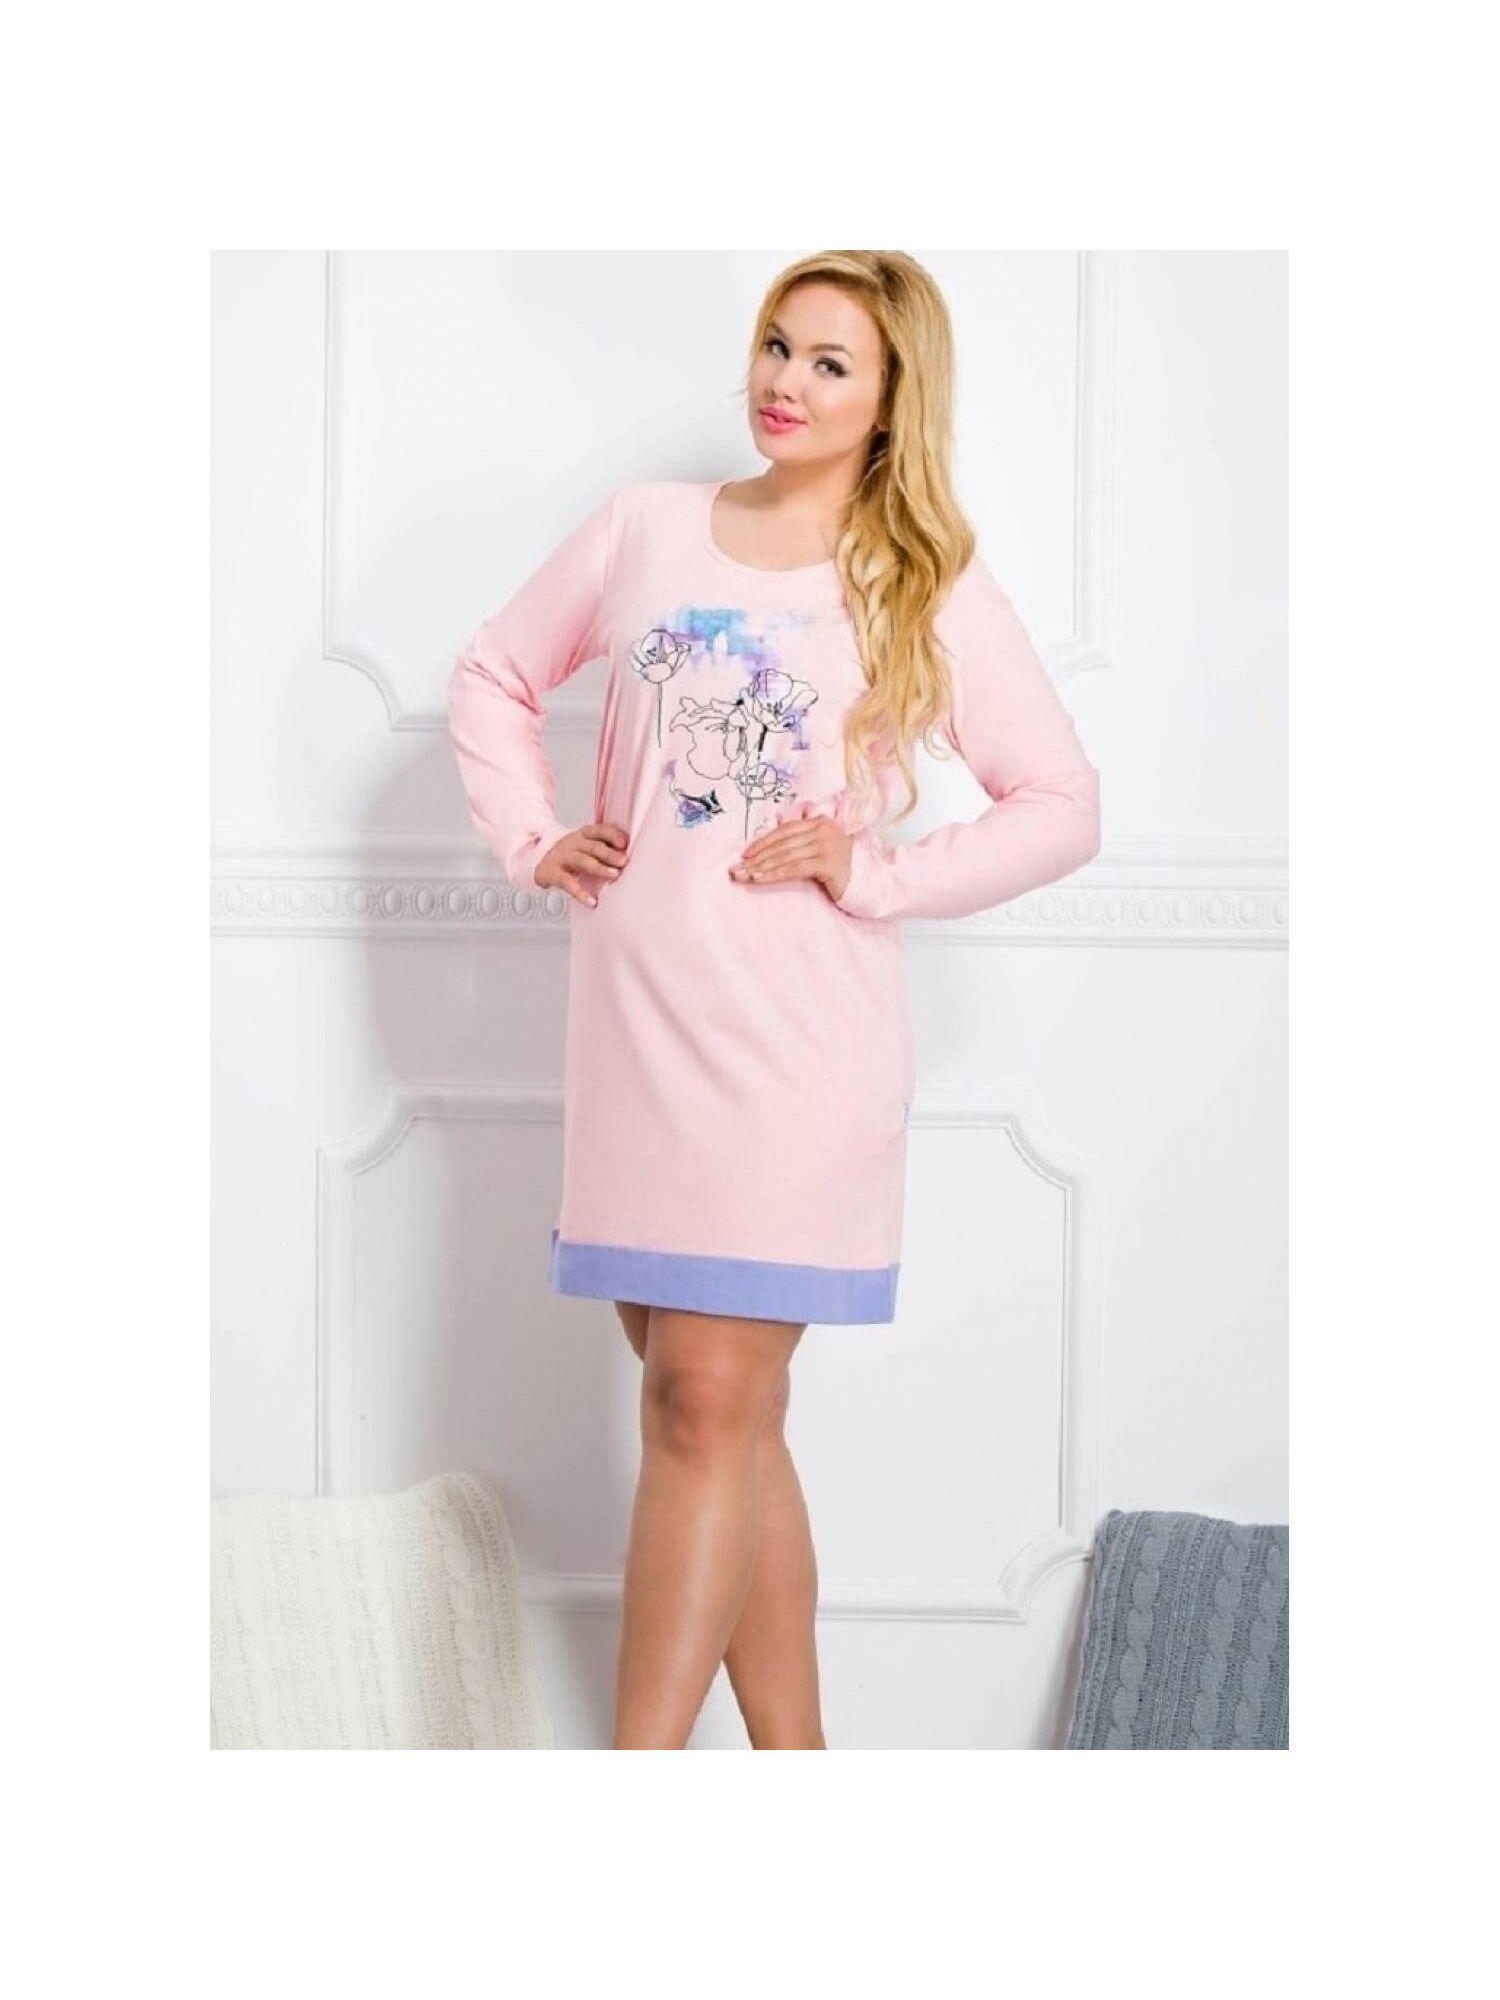 Женская хлопковая сорочка 2015/2016 Viva розовый